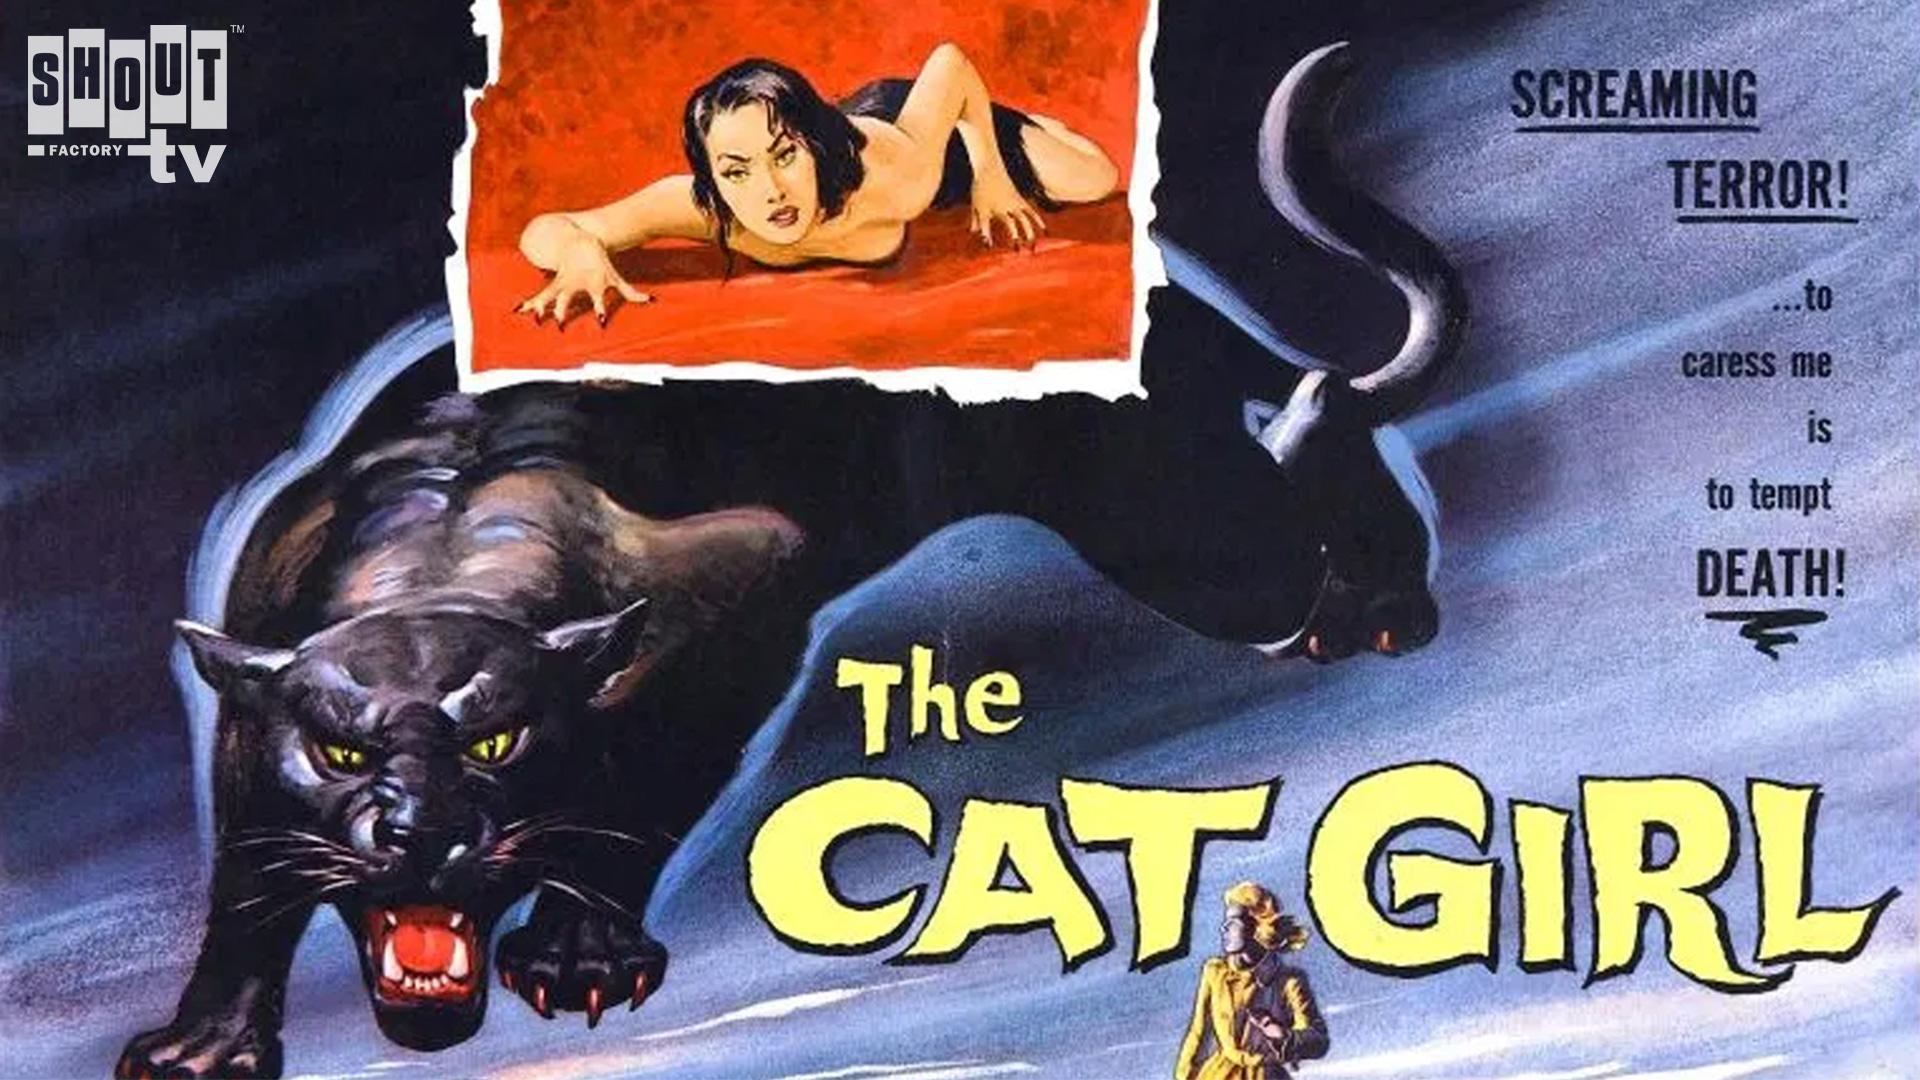 The Cat Girl - Trailer